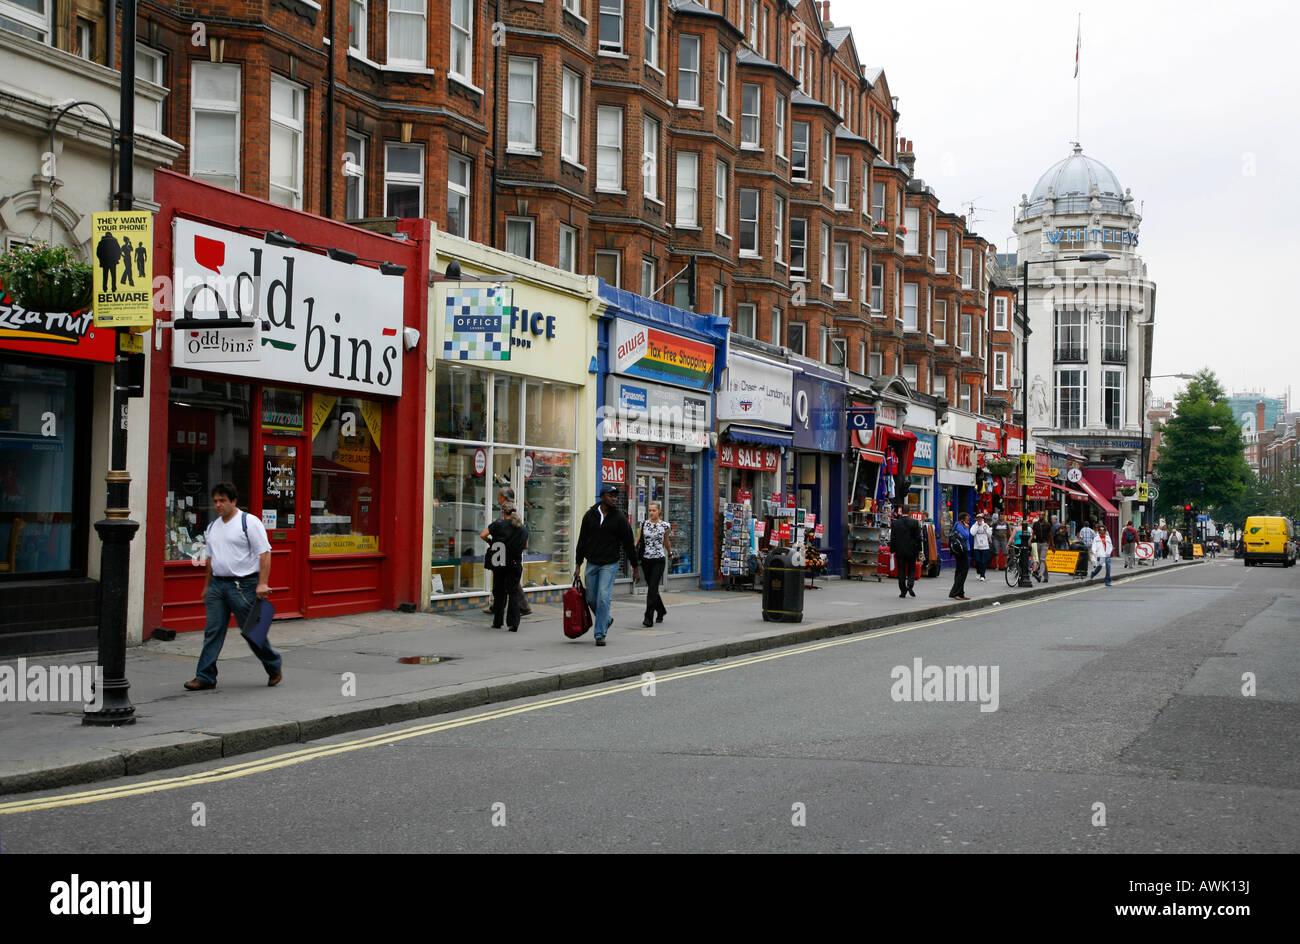 J Hotel London Tripadvisor